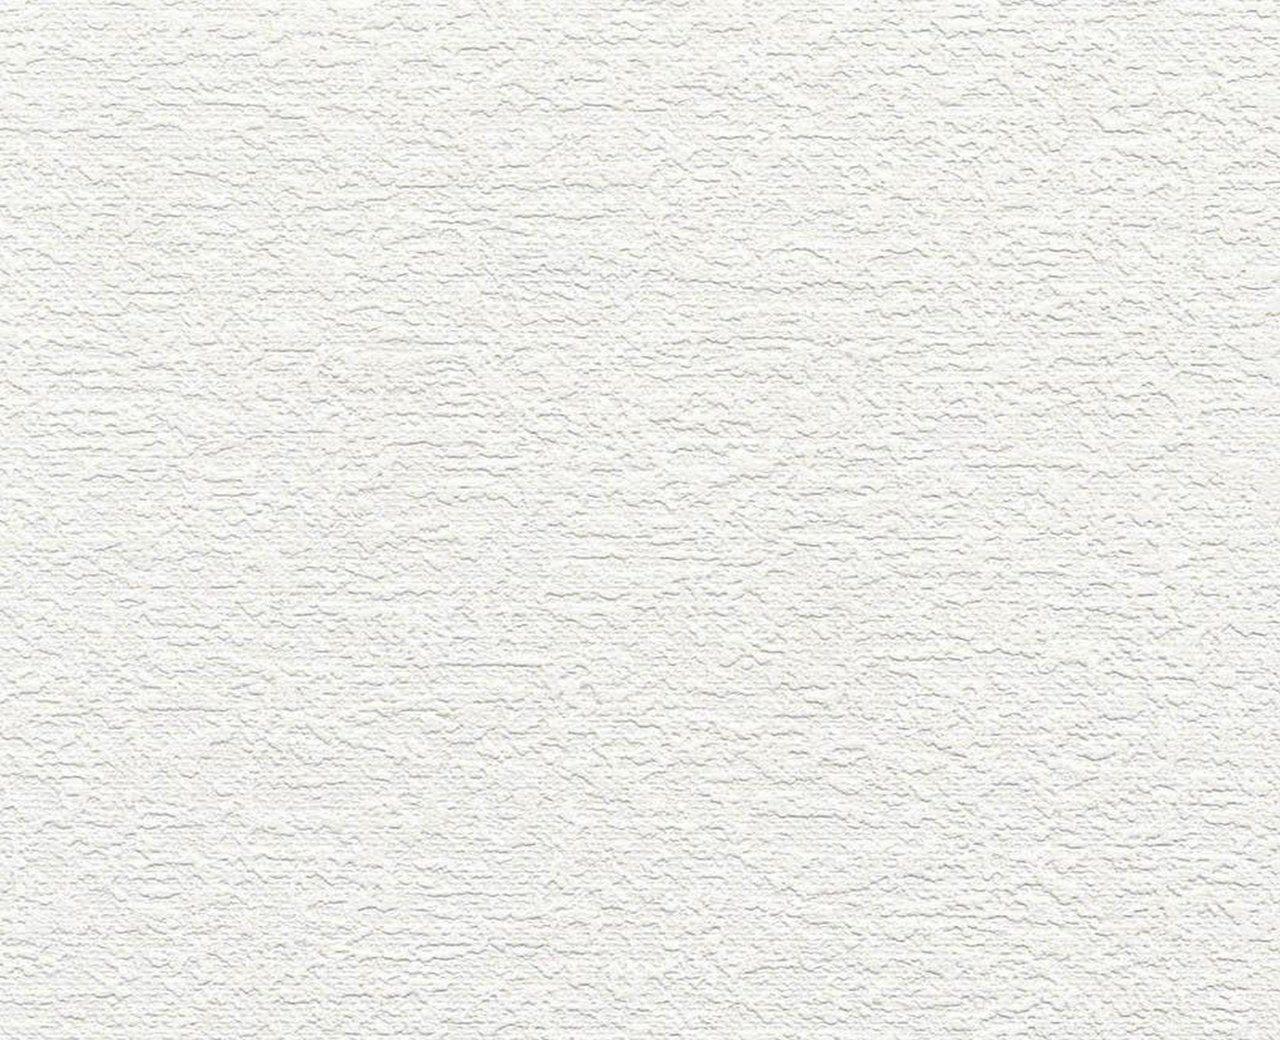 Обои под покраску: виды, как клеить, идеи для интерьеров (70 фото)